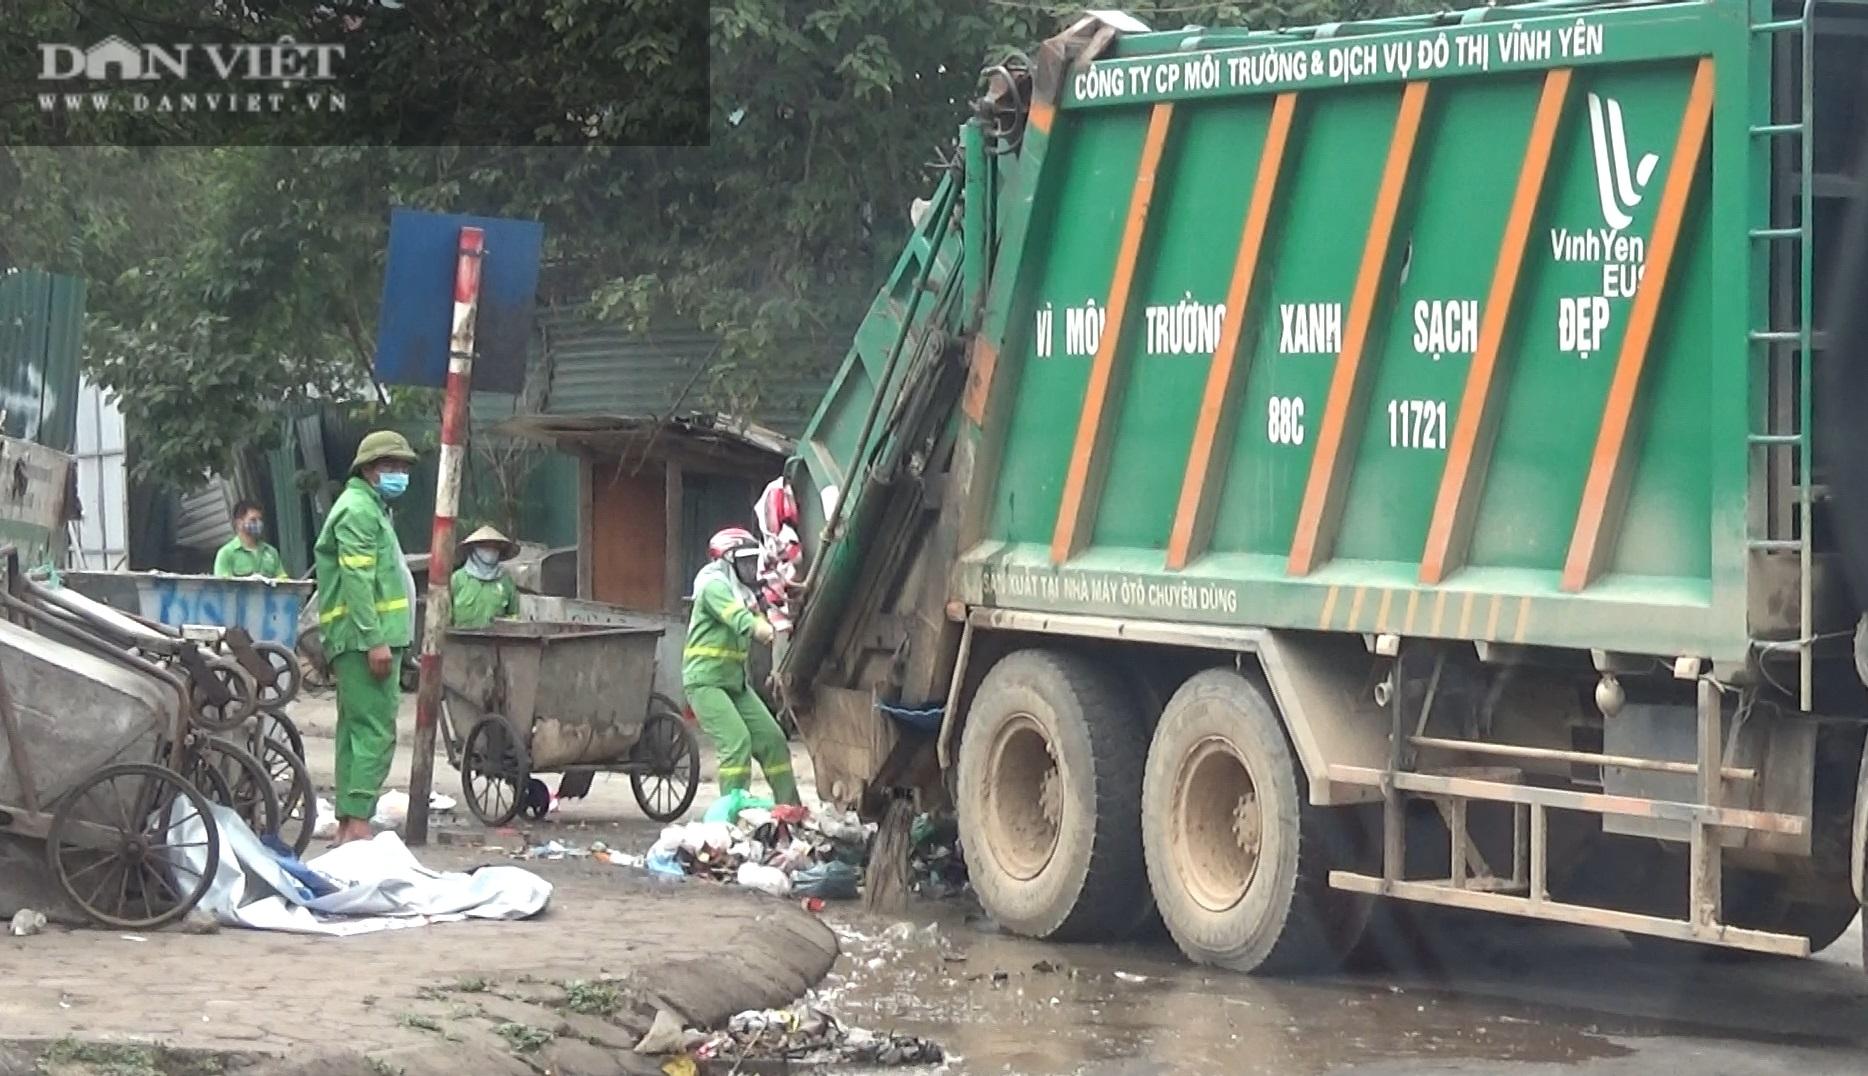 Bài 2: Tràn lan hình ảnh gây ô nhiễm của các công ty bảo vệ môi trường giữa thủ đô - Ảnh 4.